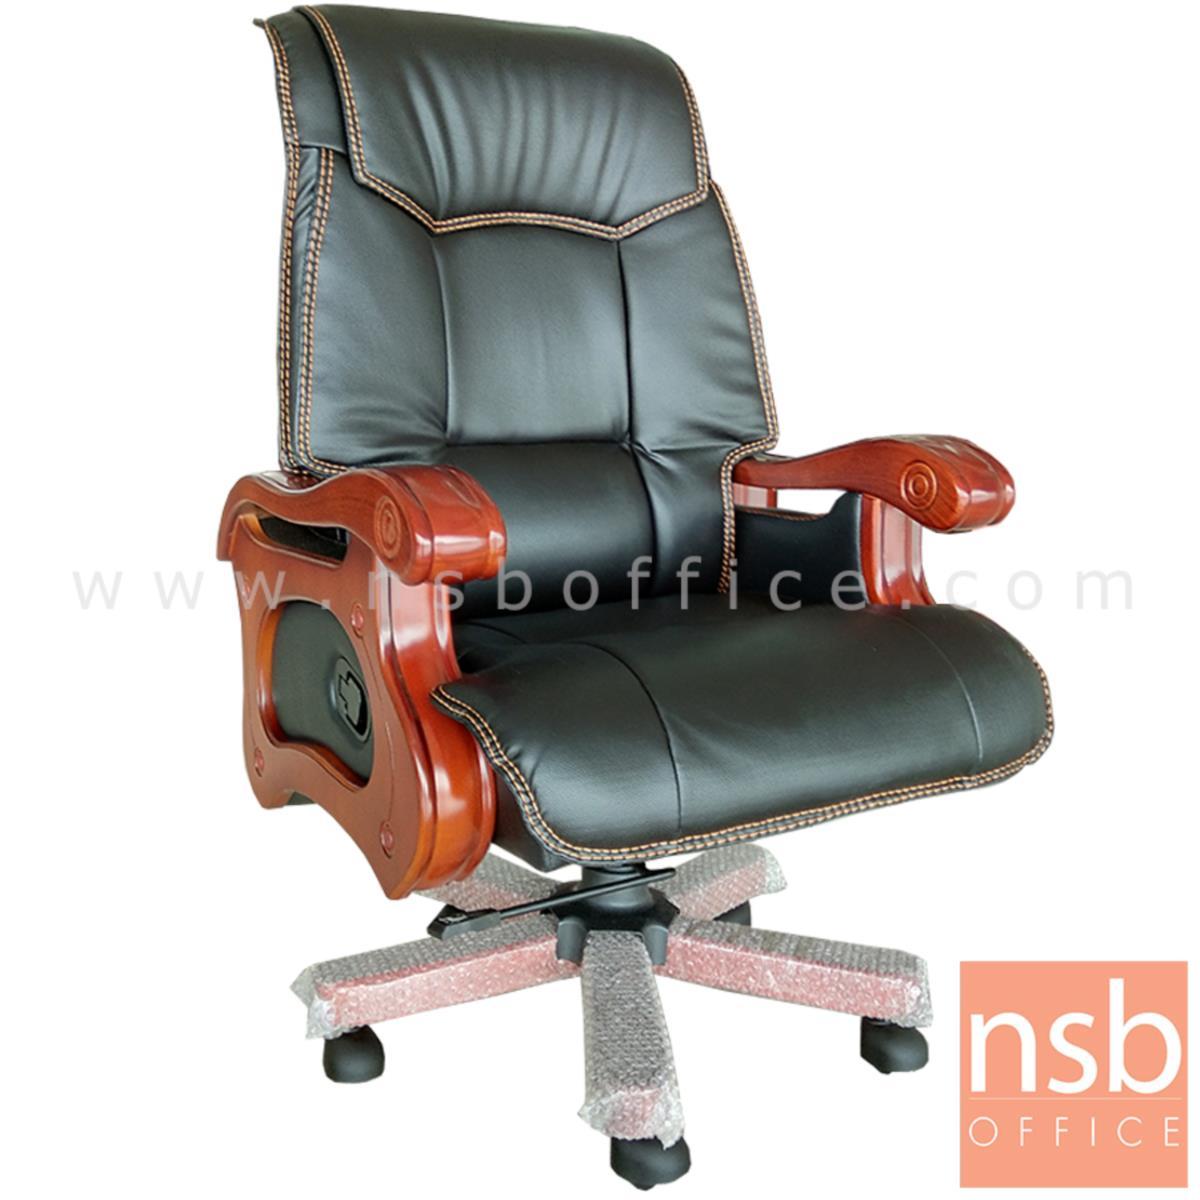 เก้าอี้ผู้บริหารหุ้มหนัง PU รุ่น Rayborn (เรย์บอร์น)  โช๊คแก๊ส ก้อนโยก ขาไม้